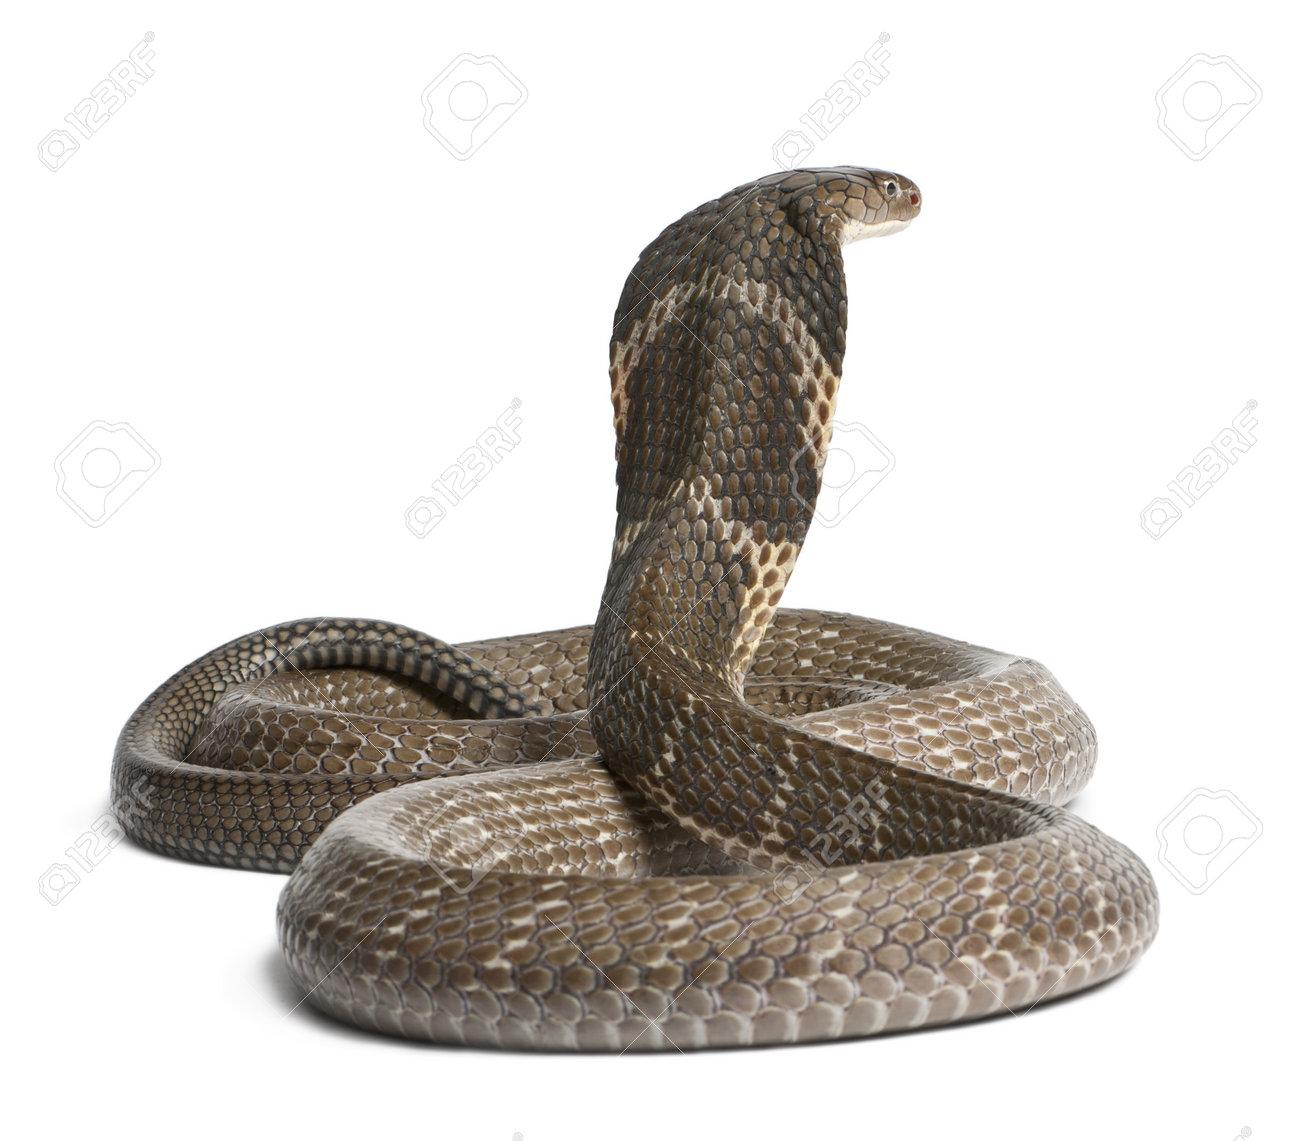 13582750 king cobra Ophiophagus hannah poisonous white background Stock Photo - (8 TIPS PENTING SEKIRANYA ANDA/ORANG DI SEKELILING ANDA DIPATUK ULAR DAN BAGAIMANA MENGENALPASTI TANDA-TANDA MANGSA DIPATUK ULAR)